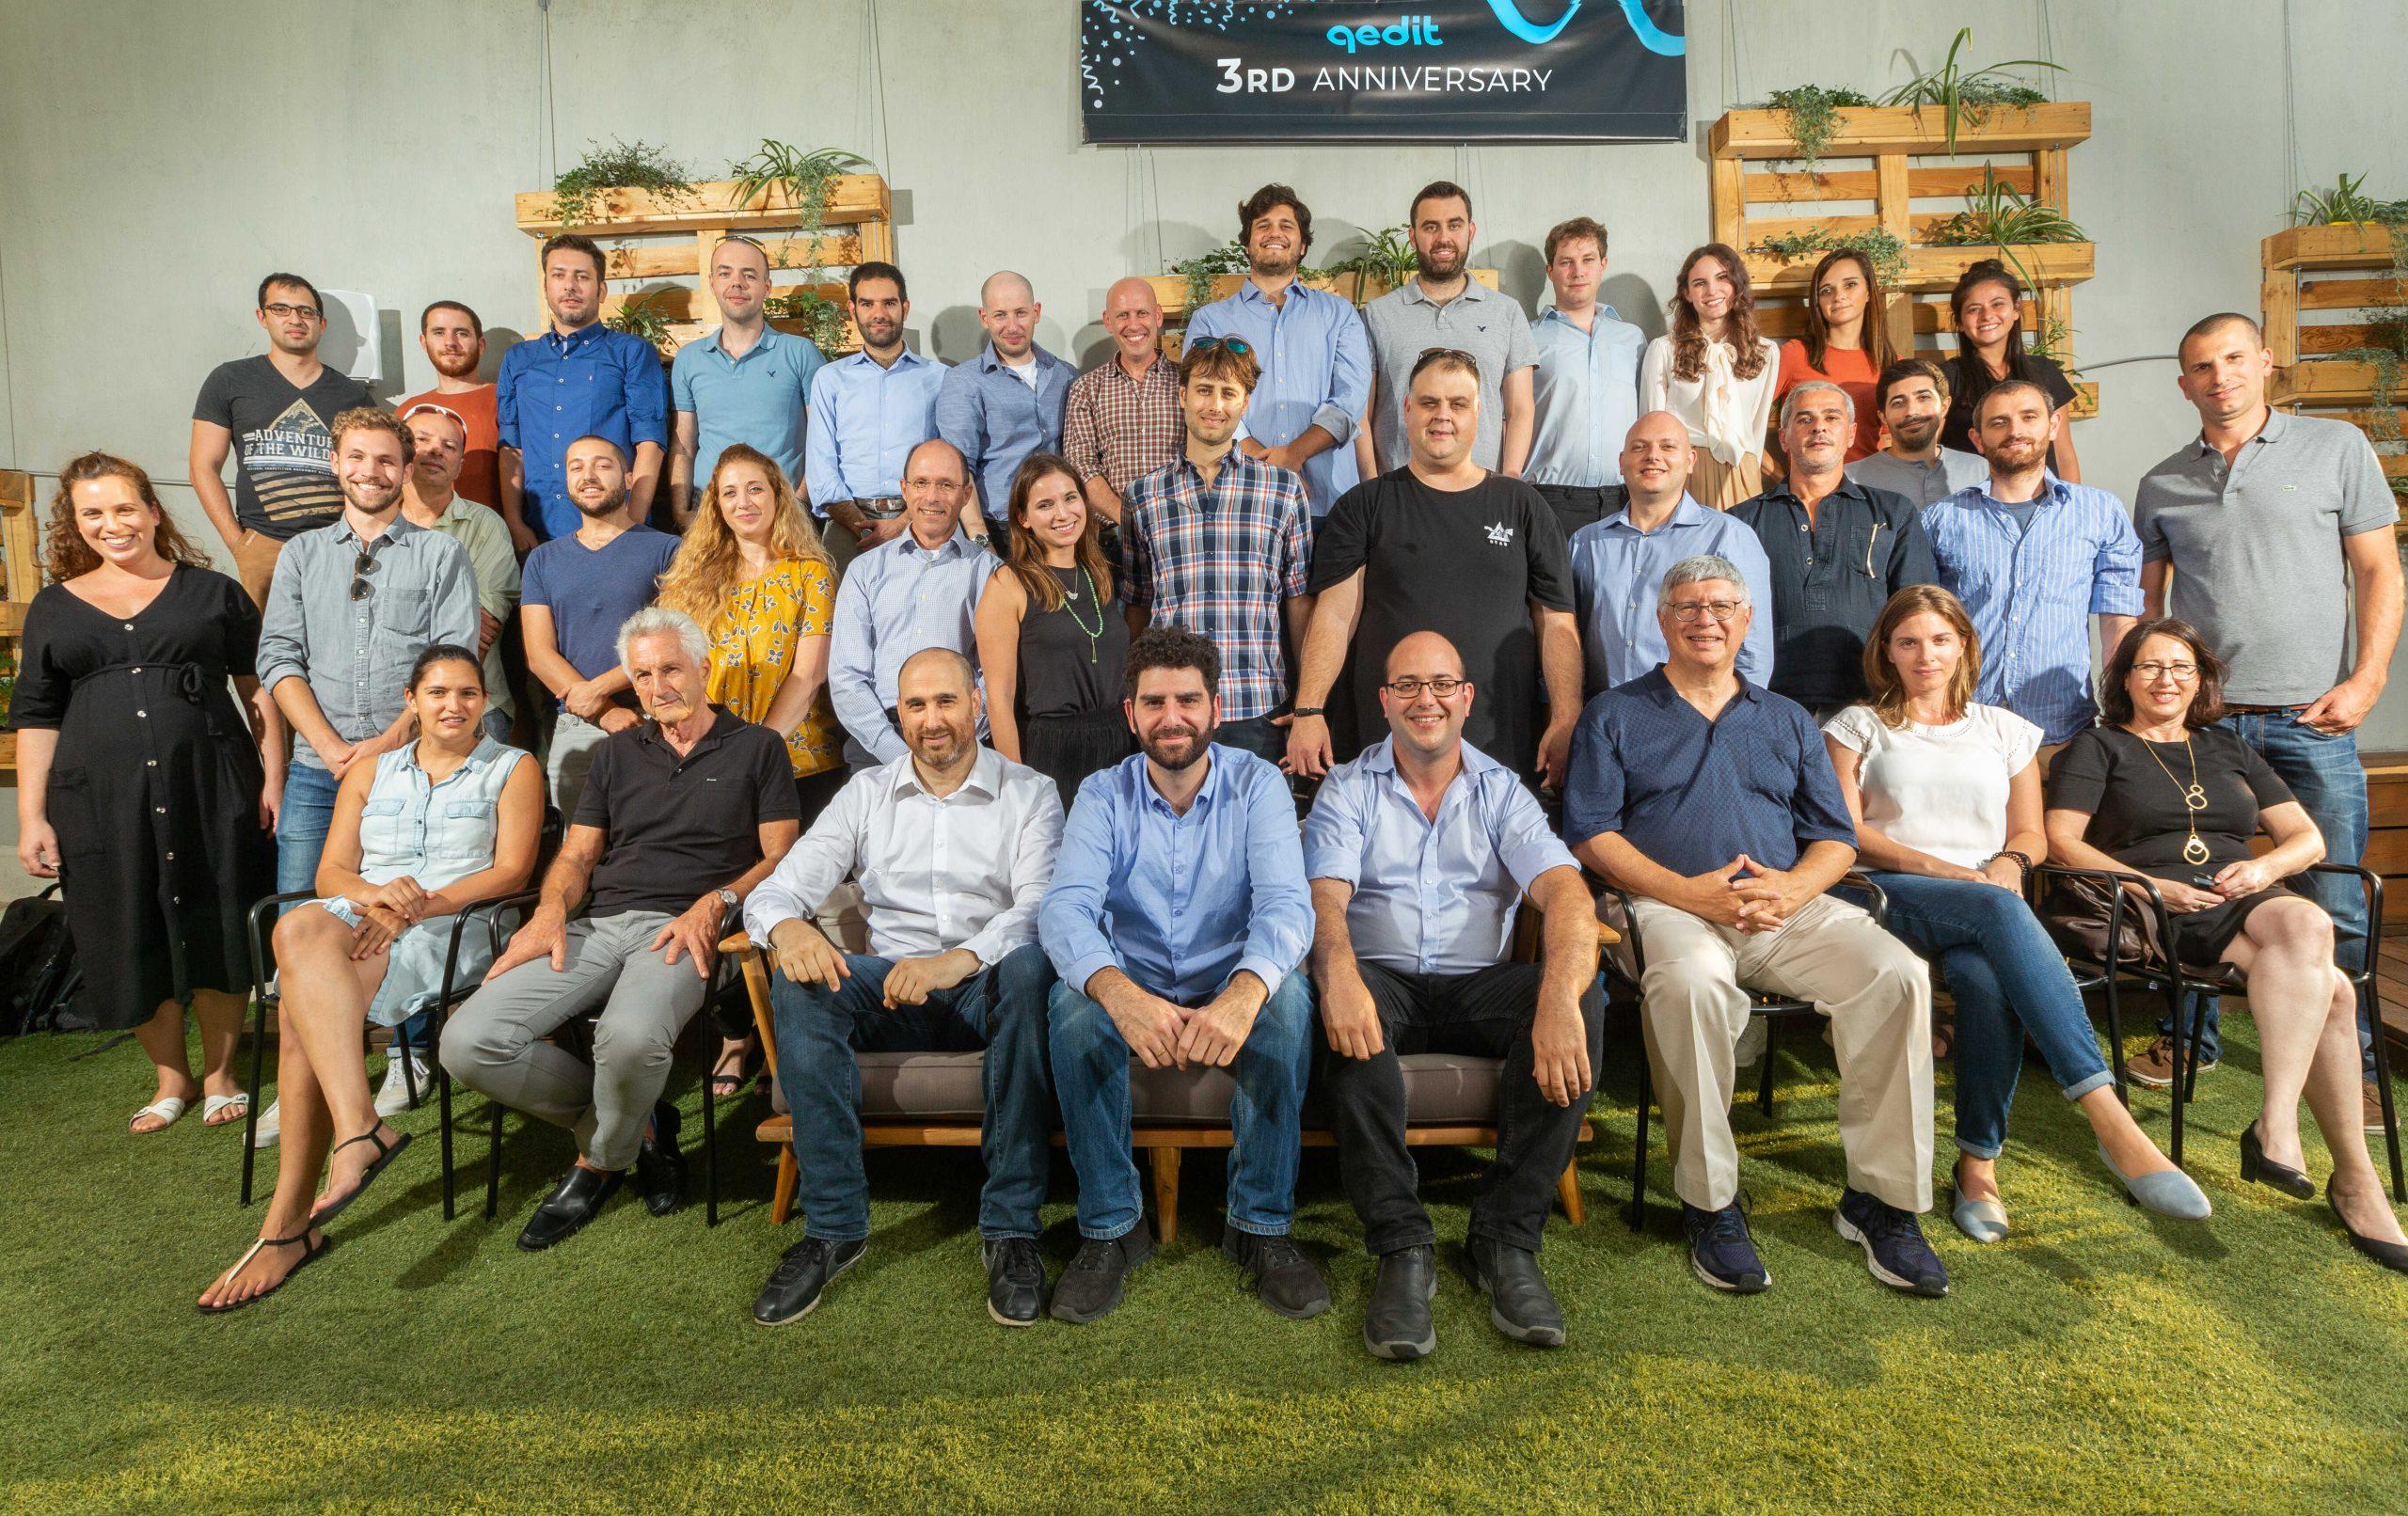 צוות חברת Qedit. צילום: רונן גולדמן